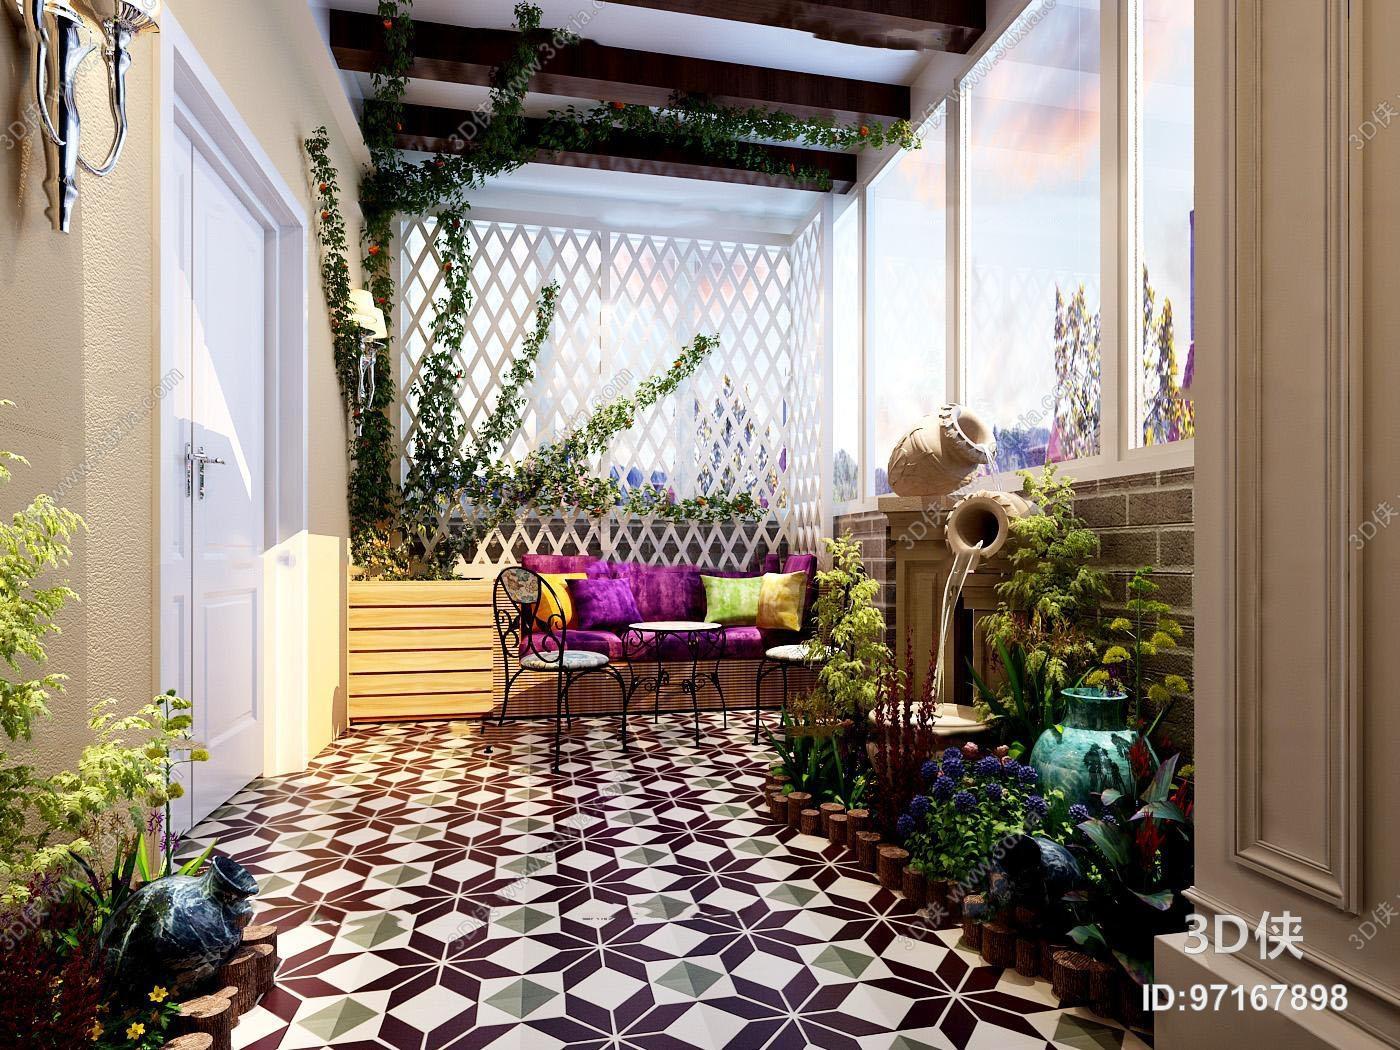 效果图素材免费下载,本作品主题是欧式阳台花园3d模型,编号是97167898